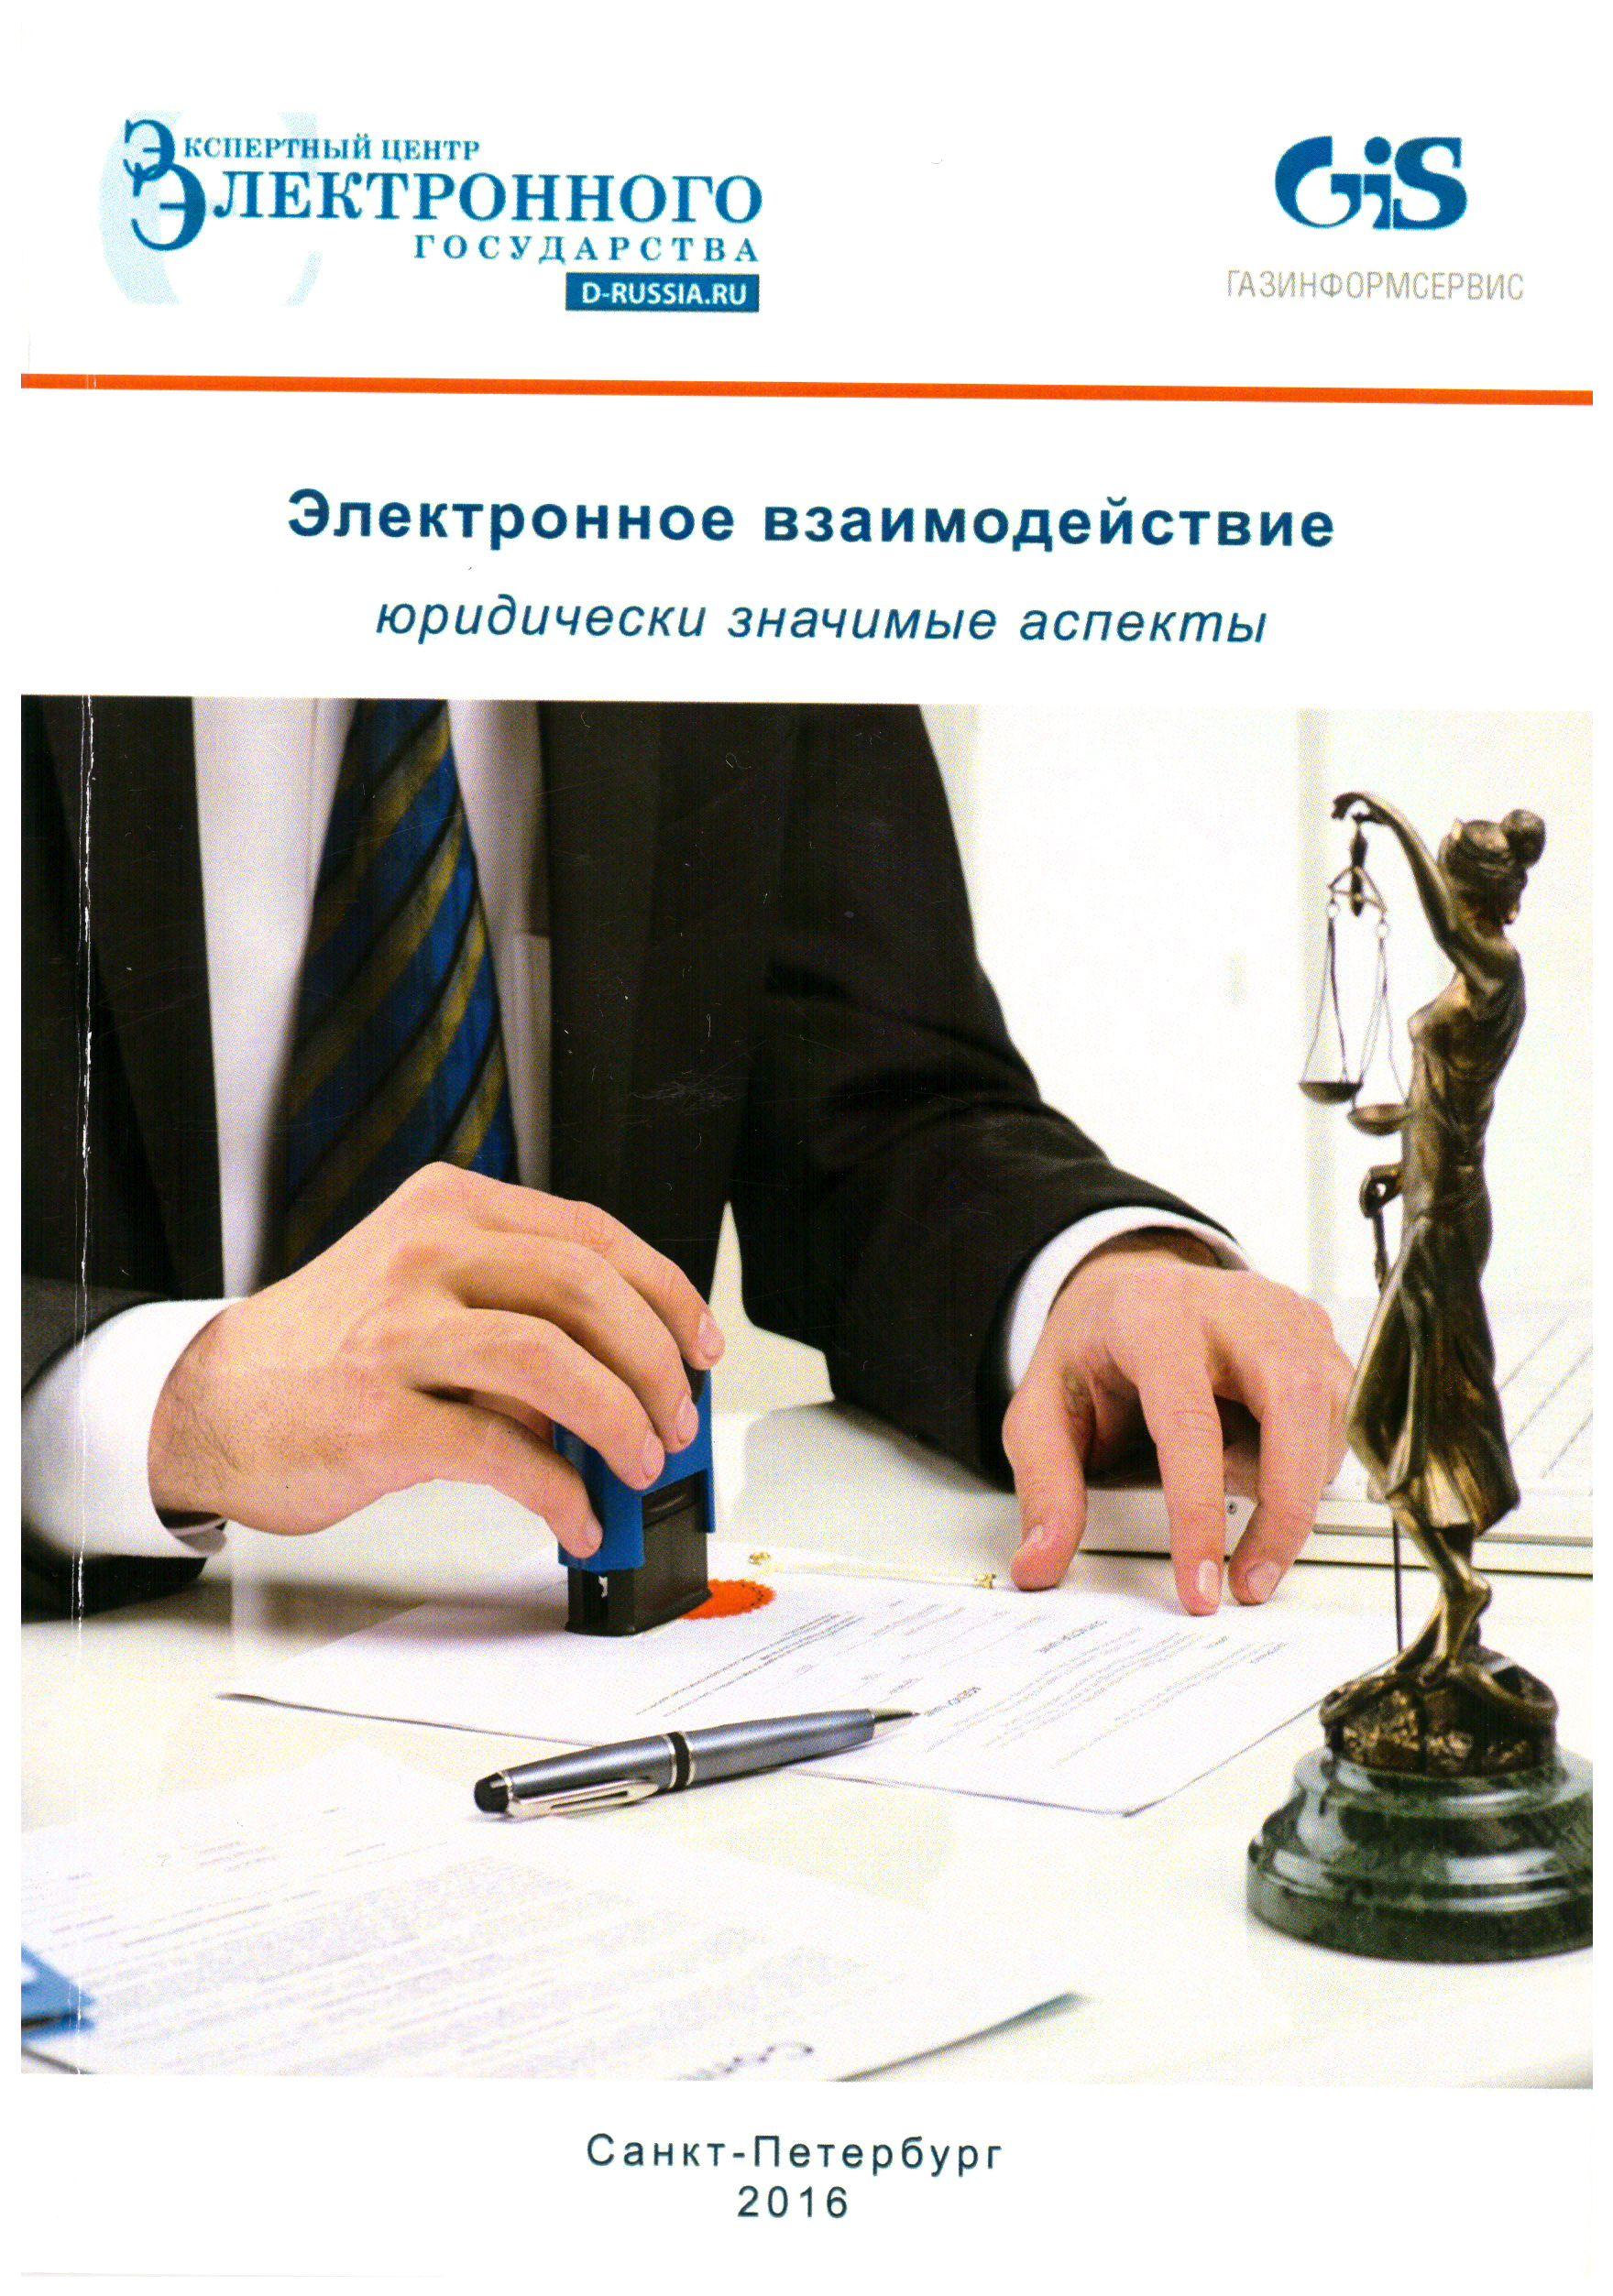 Электронное взаимодействие: юридически значимые аспекты